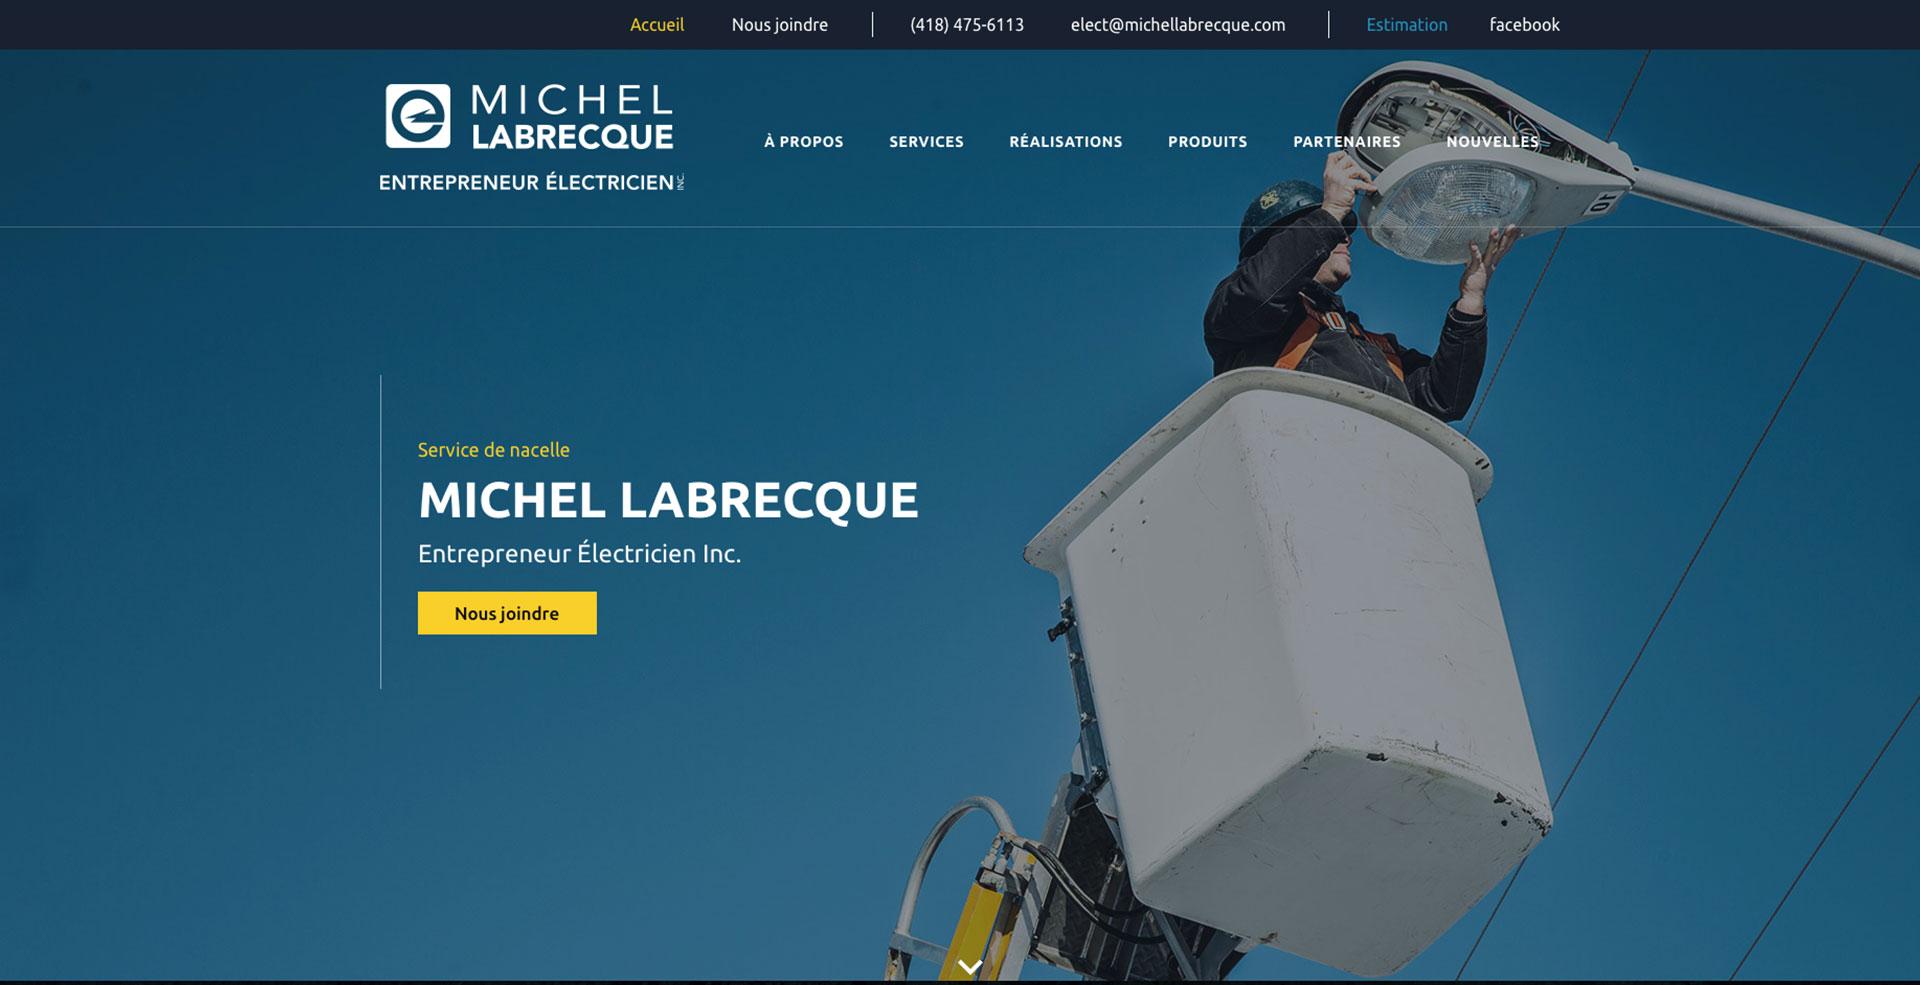 Michel Labrecque, Entrepreneur électricien